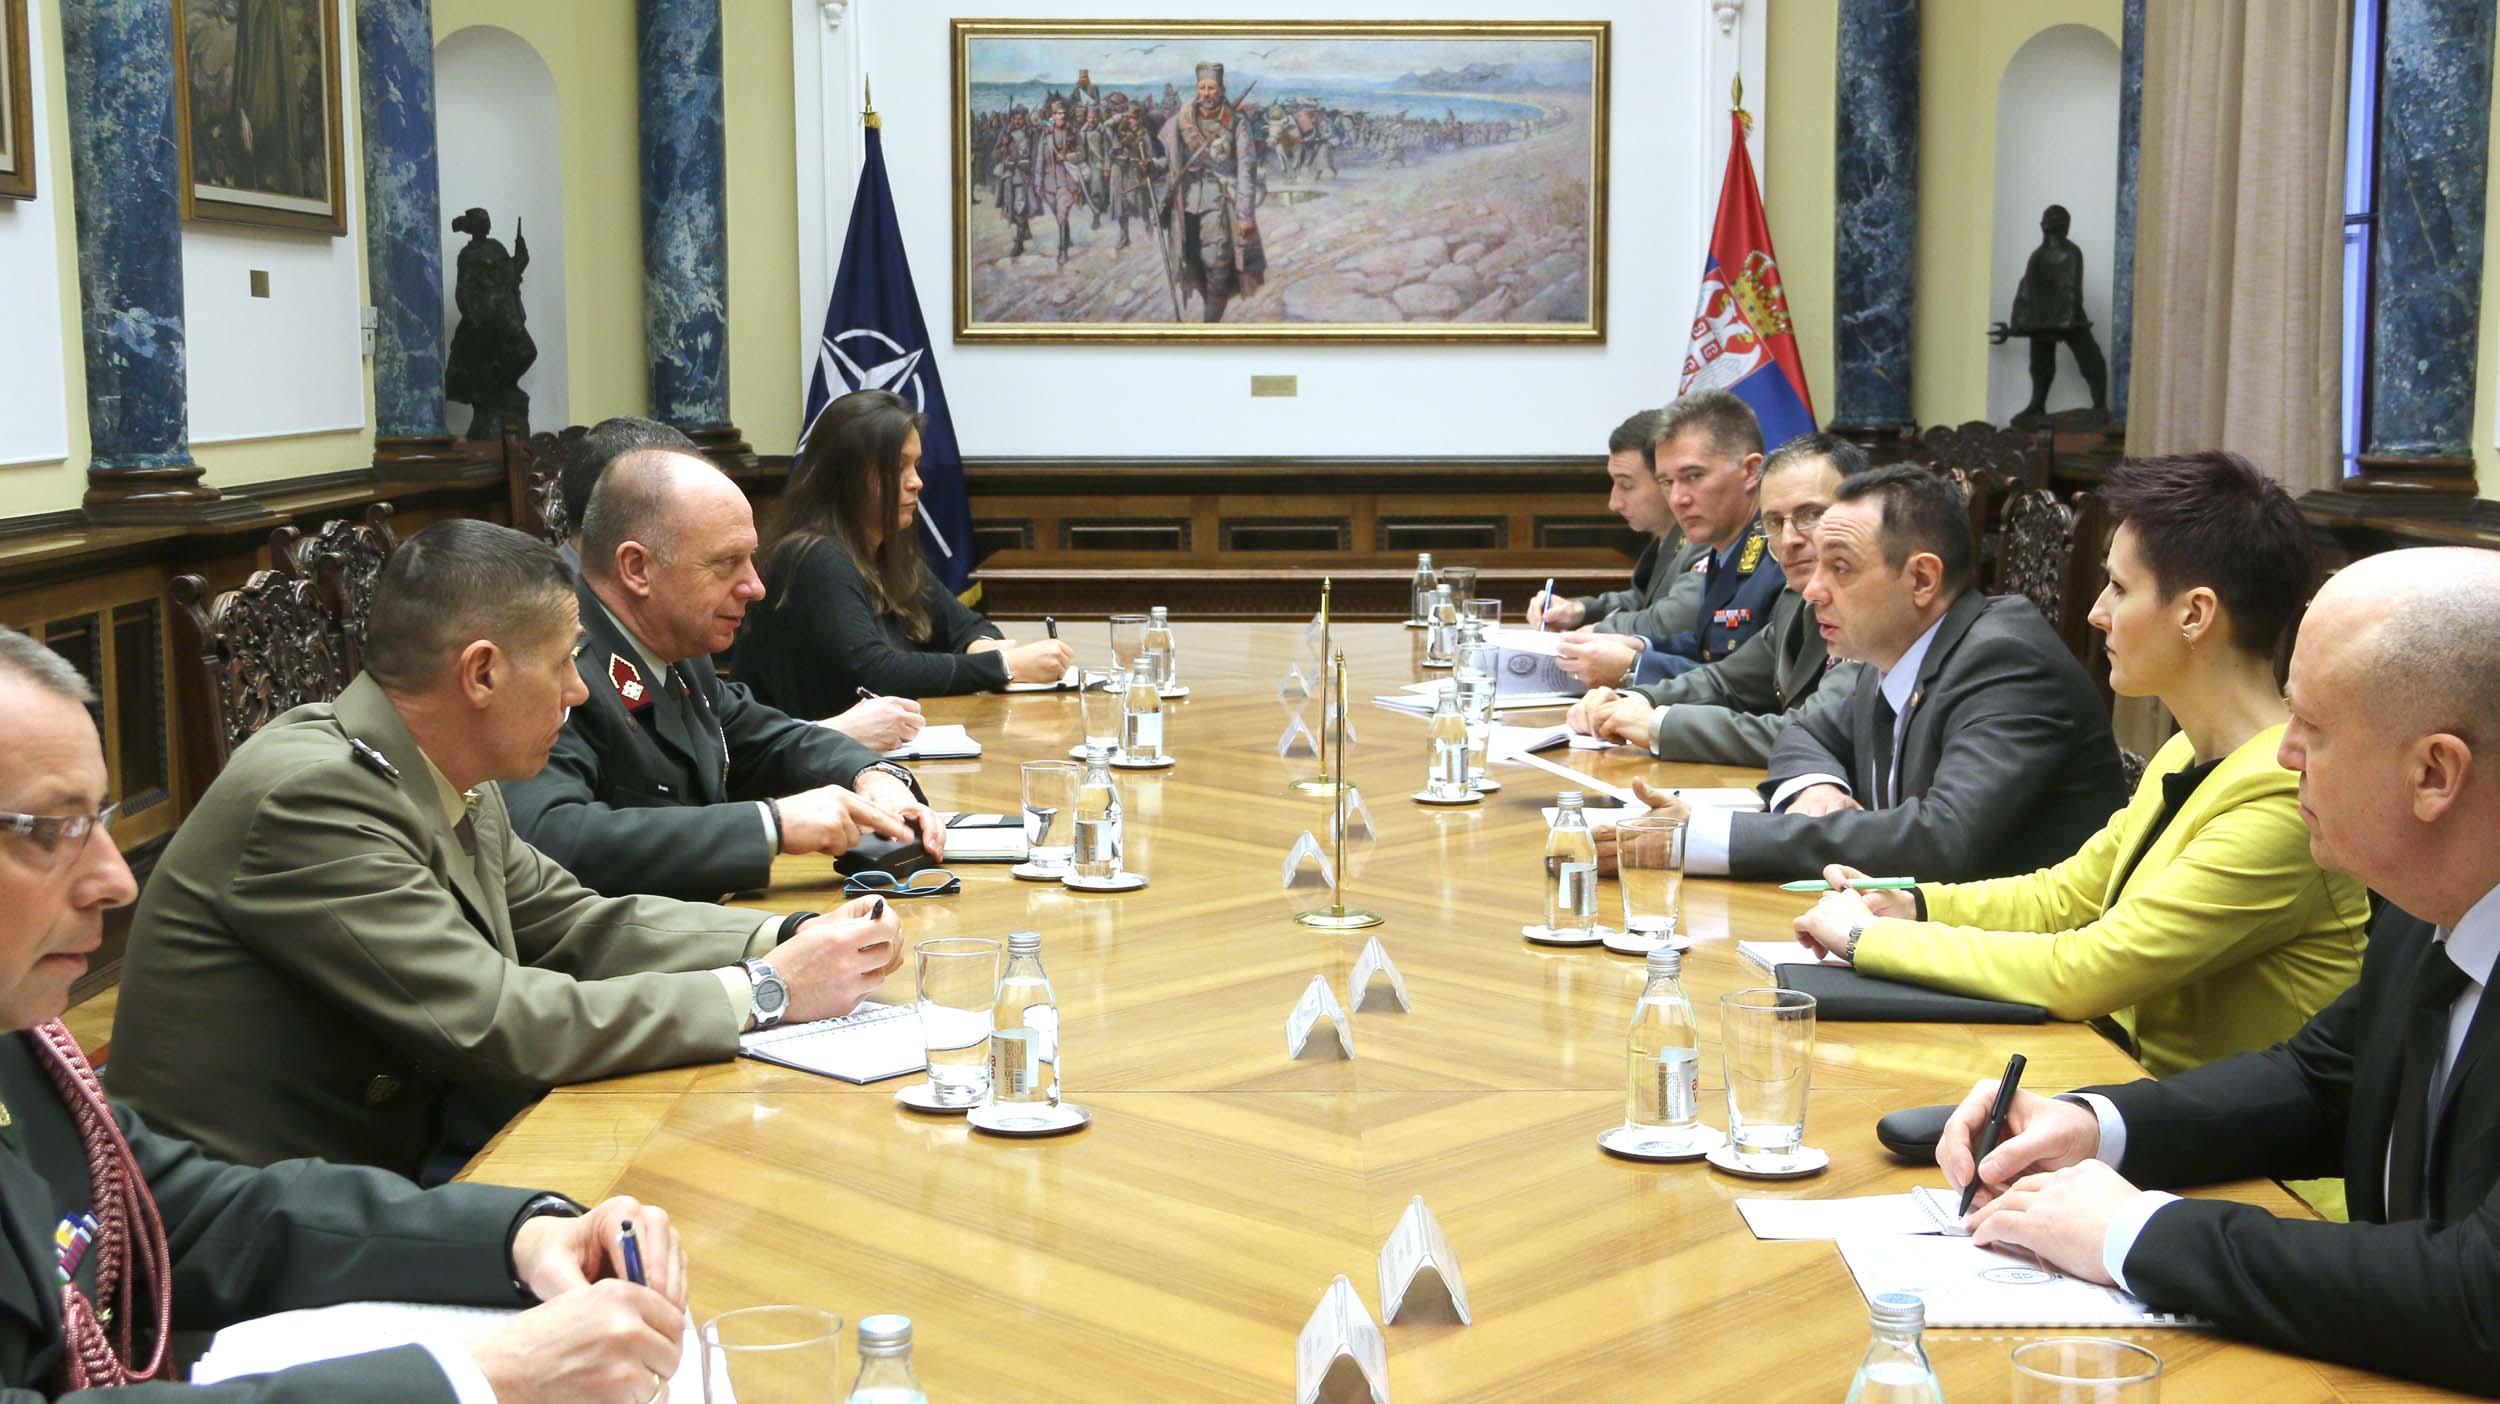 Вулин са НАТО генералом: За Србију КФОР представља једину легитимну оружану формацију на Косову и Метохији